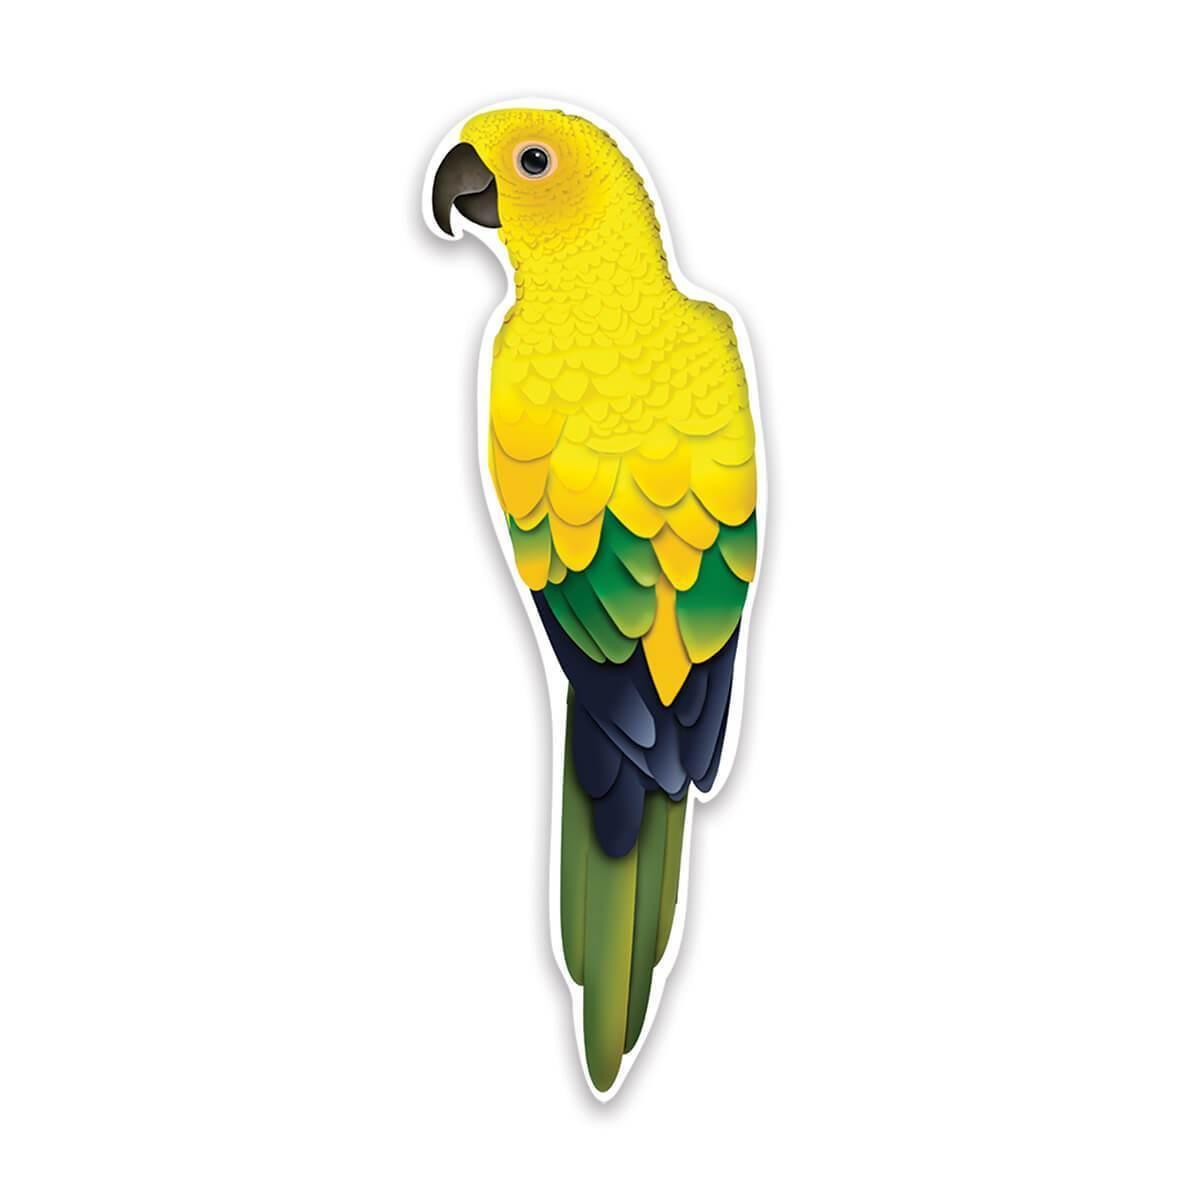 Yellow Parrot : Gift Sticker Tropical Bird Watcher Airbrush